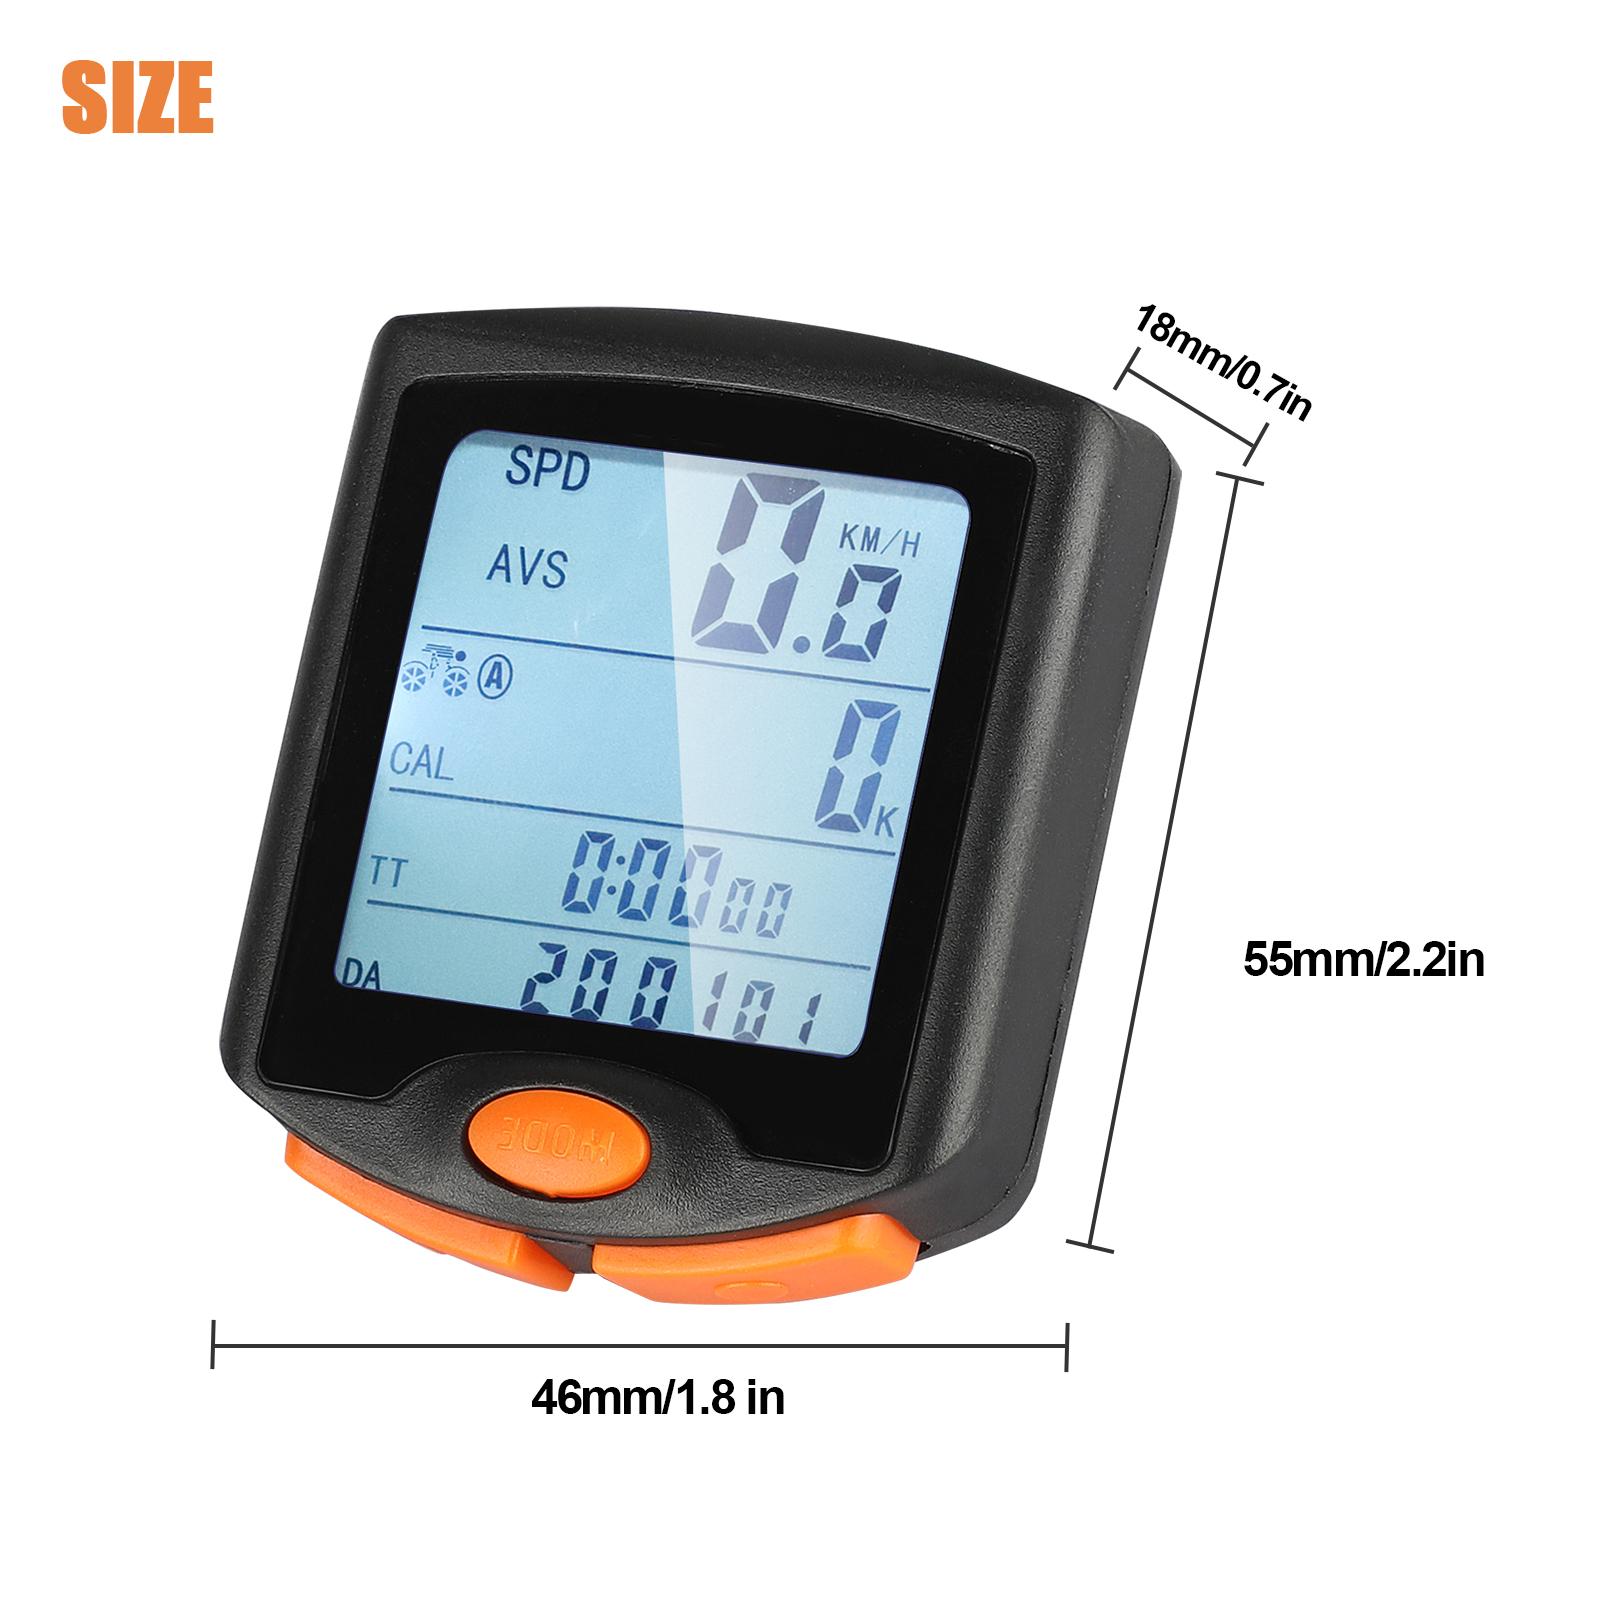 thumbnail 23 - Waterproof-Wireless-Bicycle-Bike-Cycle-LCD-Digital-Computer-Speedometer-Odometer